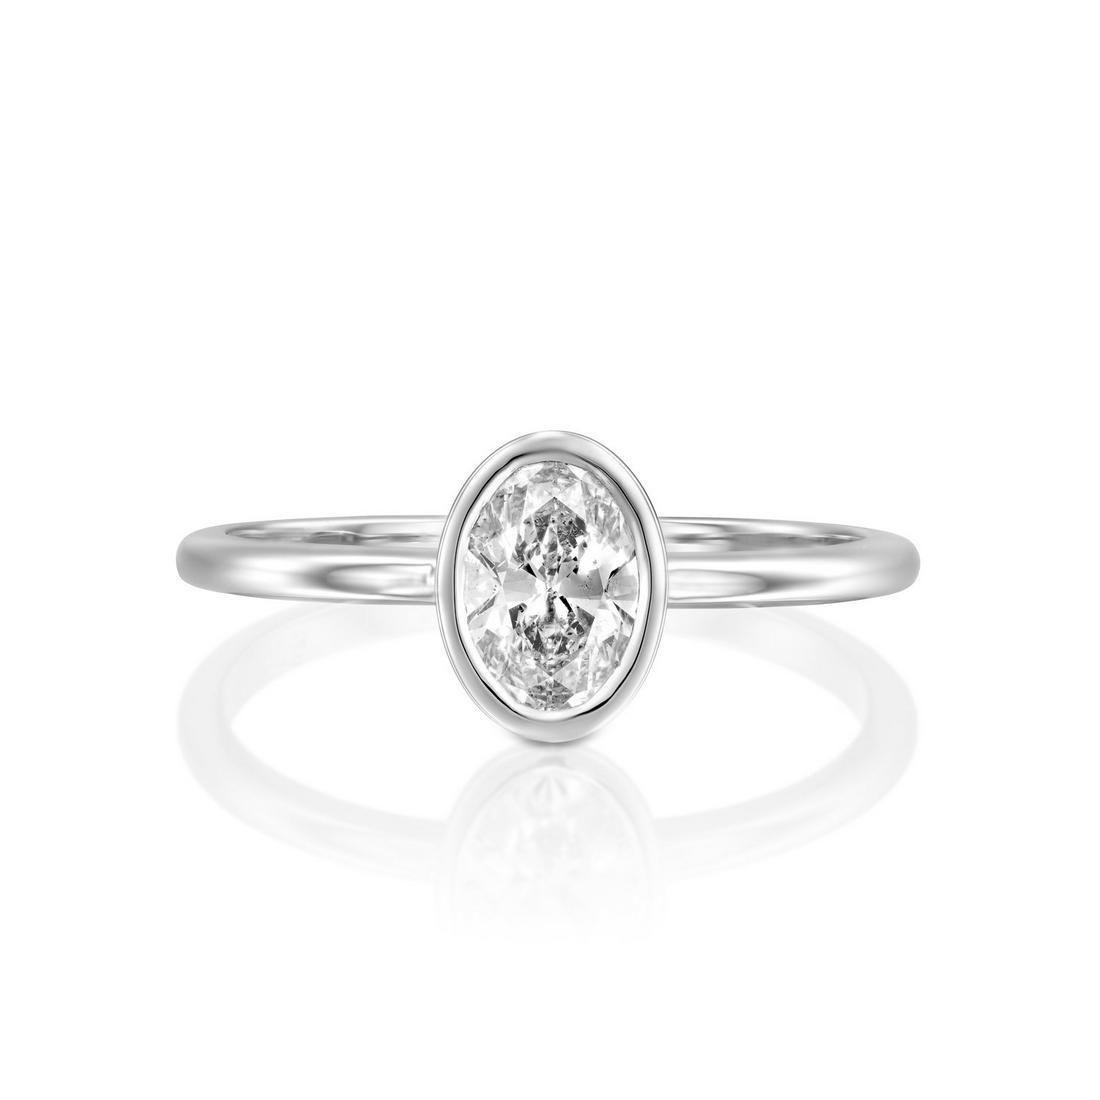 1 CT 14K White Gold Diamond Ring